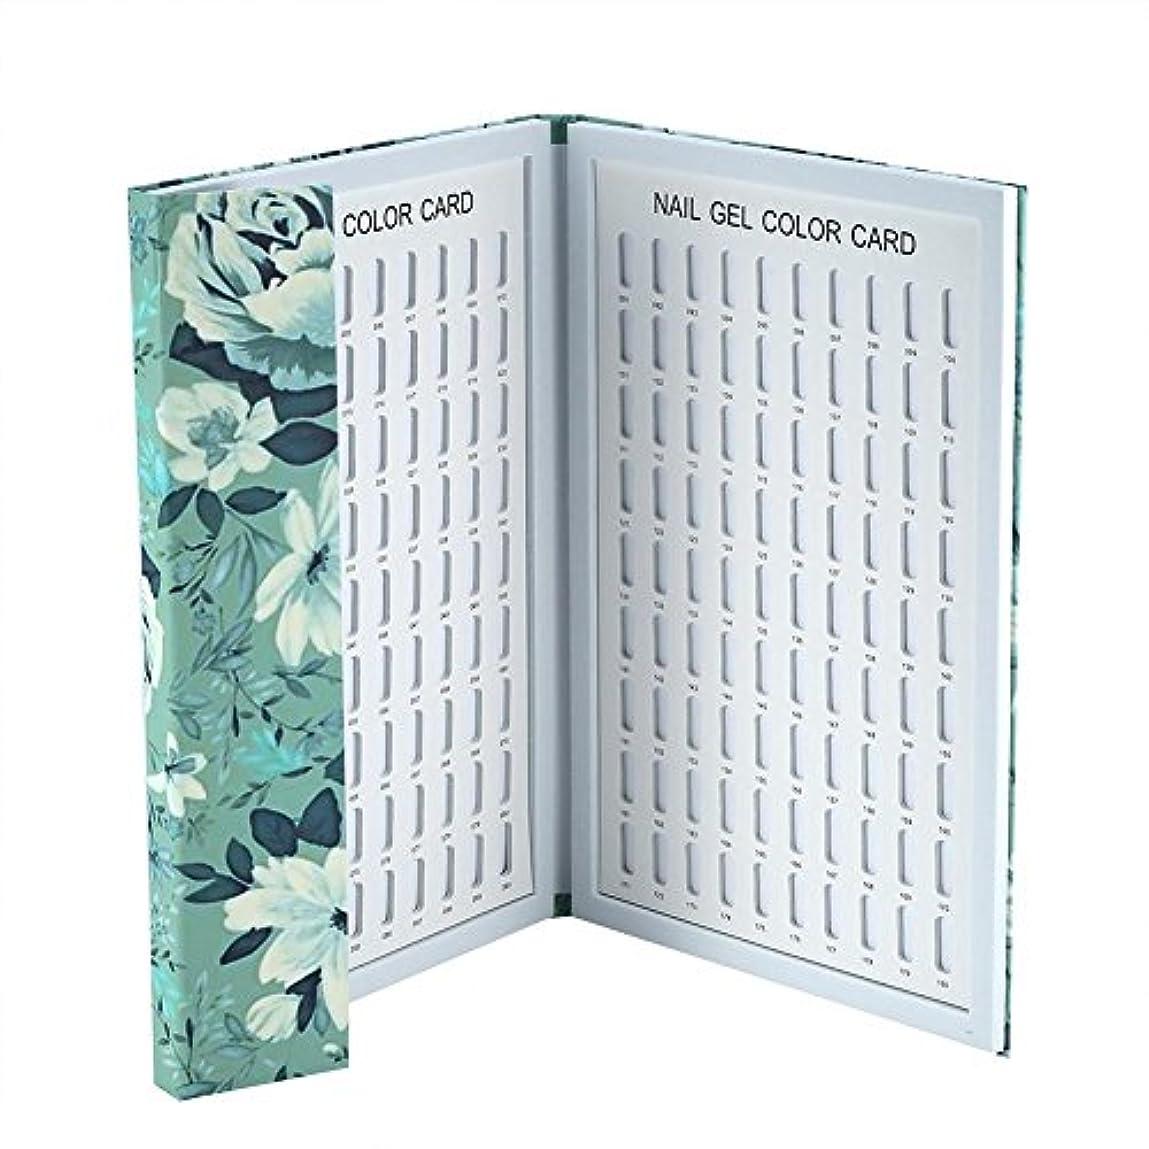 バルセロナ高度な旅客カラーチャート ネイル - Delaman ネイル 色見本、ブック型、180色、カラーガイド、ジェルネイル、サンプル帳、ネイルアート、サロン、青/緑 (Color : 緑)